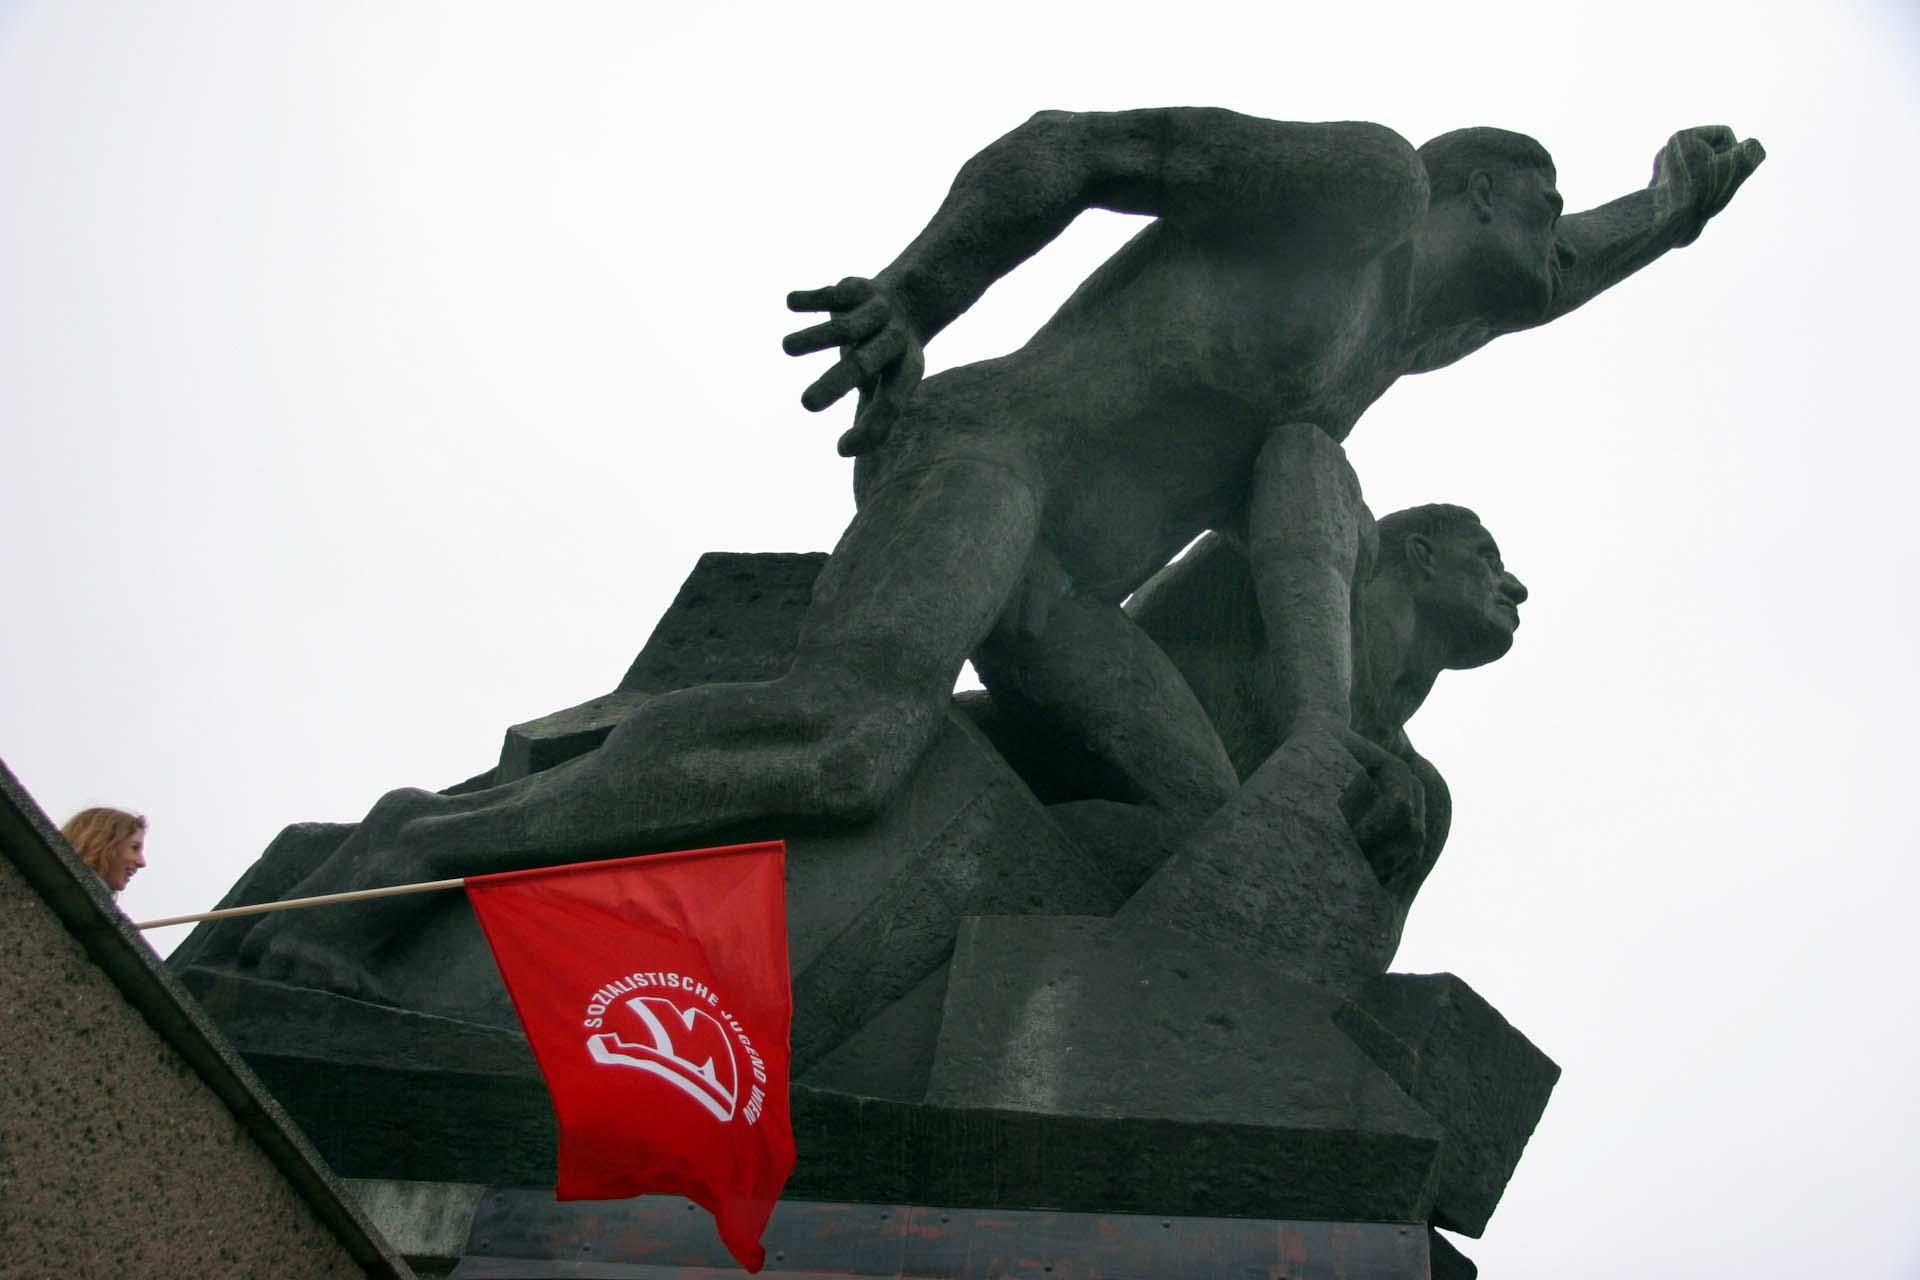 Eine sozialistische Plastik am Rande des Demozugs.